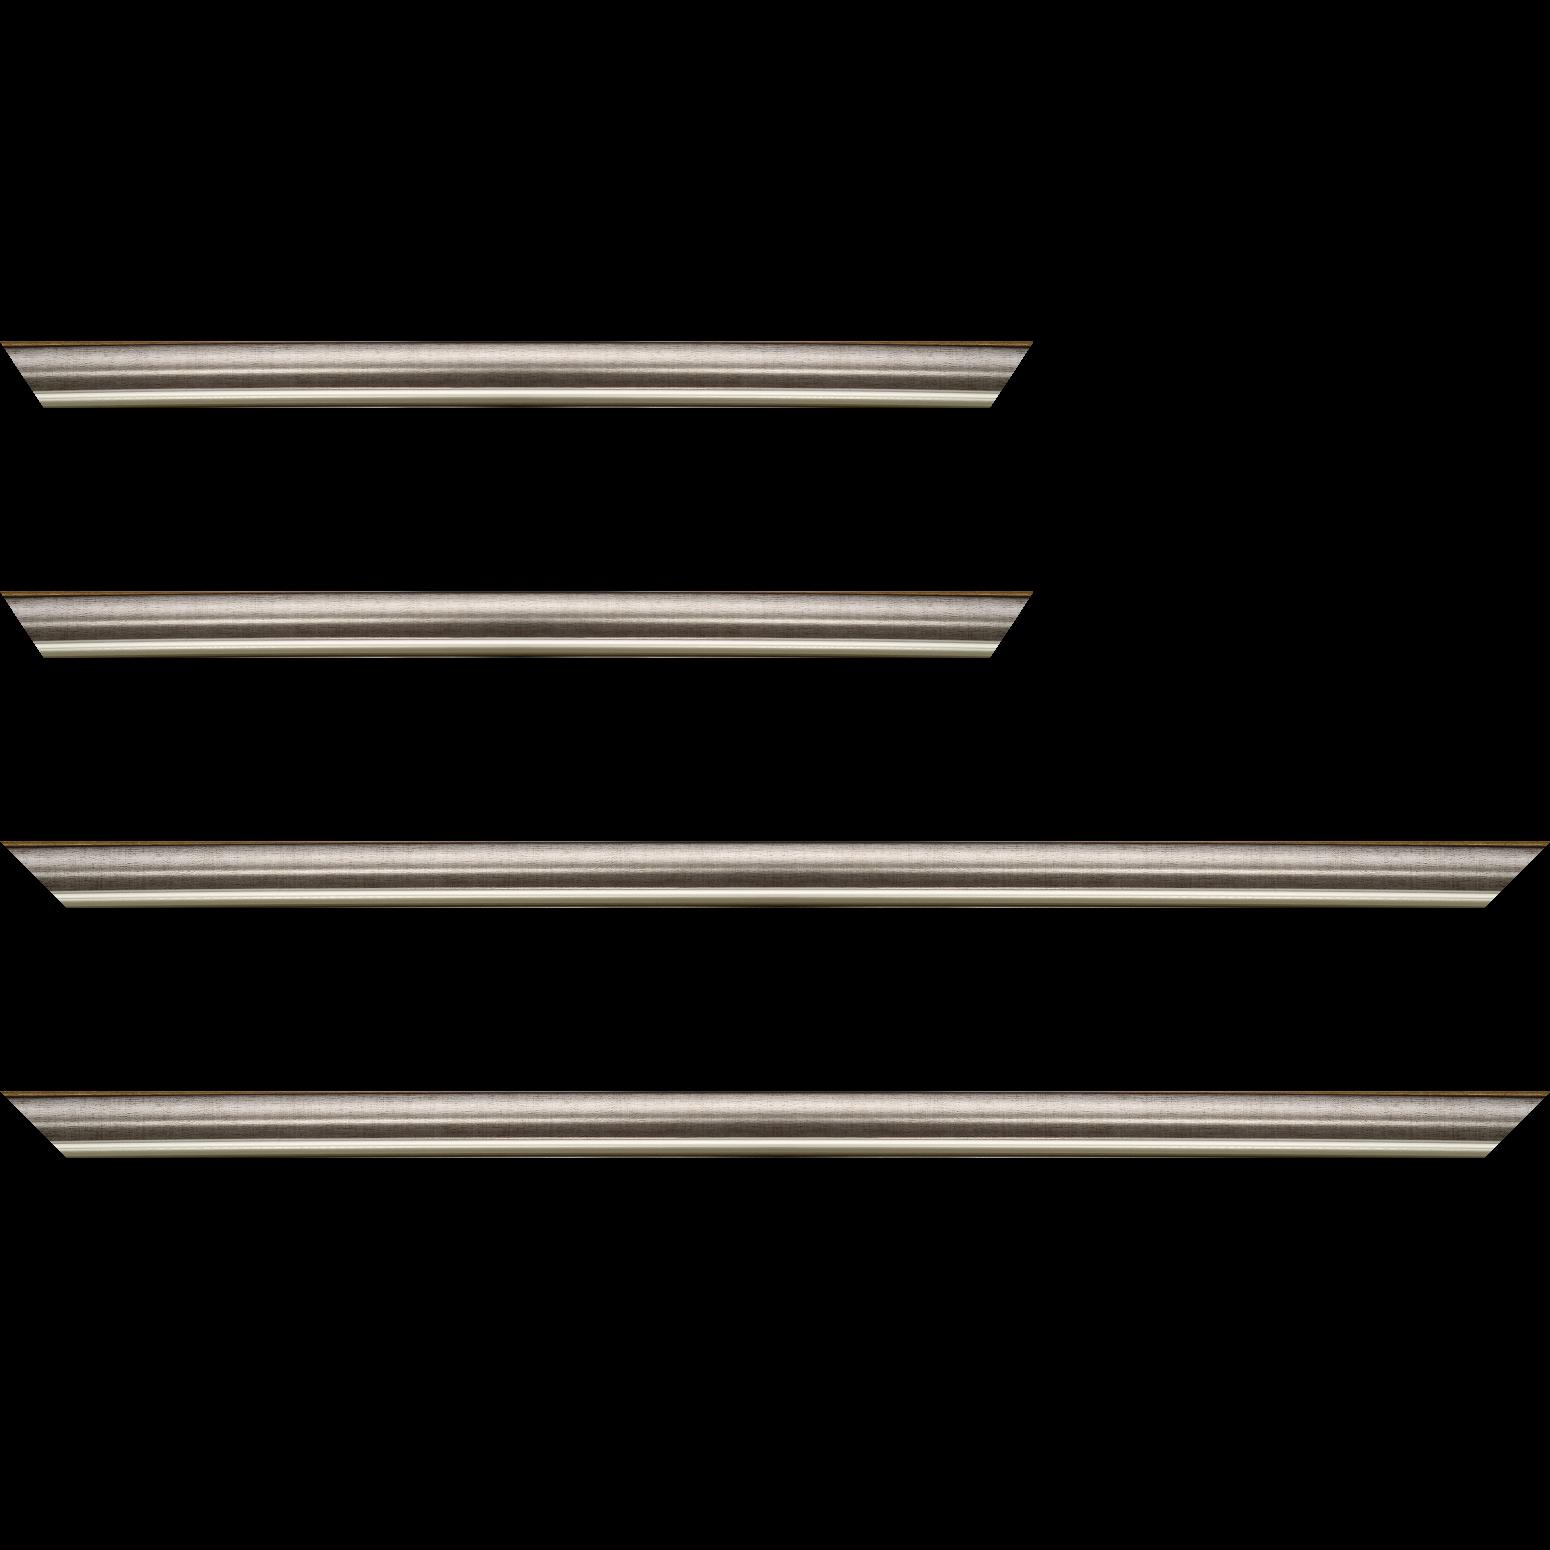 Baguette service précoupé Bois profil arrondi largeur 2.1cm couleur plomb filet argent chaud